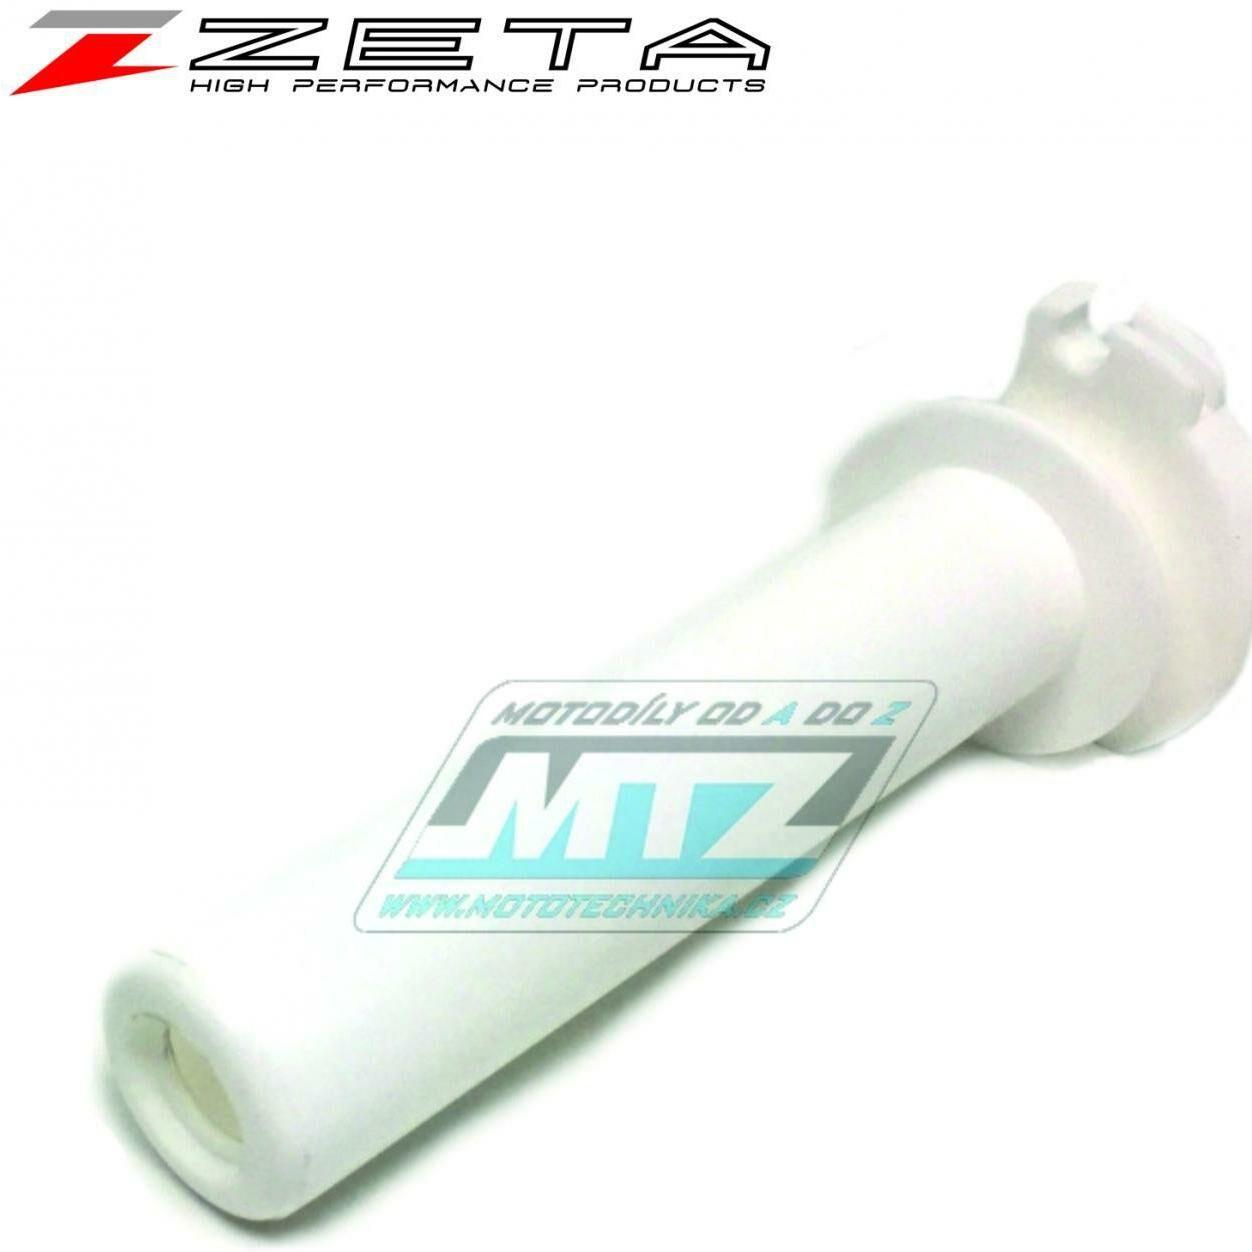 Obrázek produktu Rukojeť plynu plastová Yamaha YZ80+YZ85 / 93-20 + DT230 LANZA / 97-99 + DT200WR (rukojet-plynu-ze45-8012)